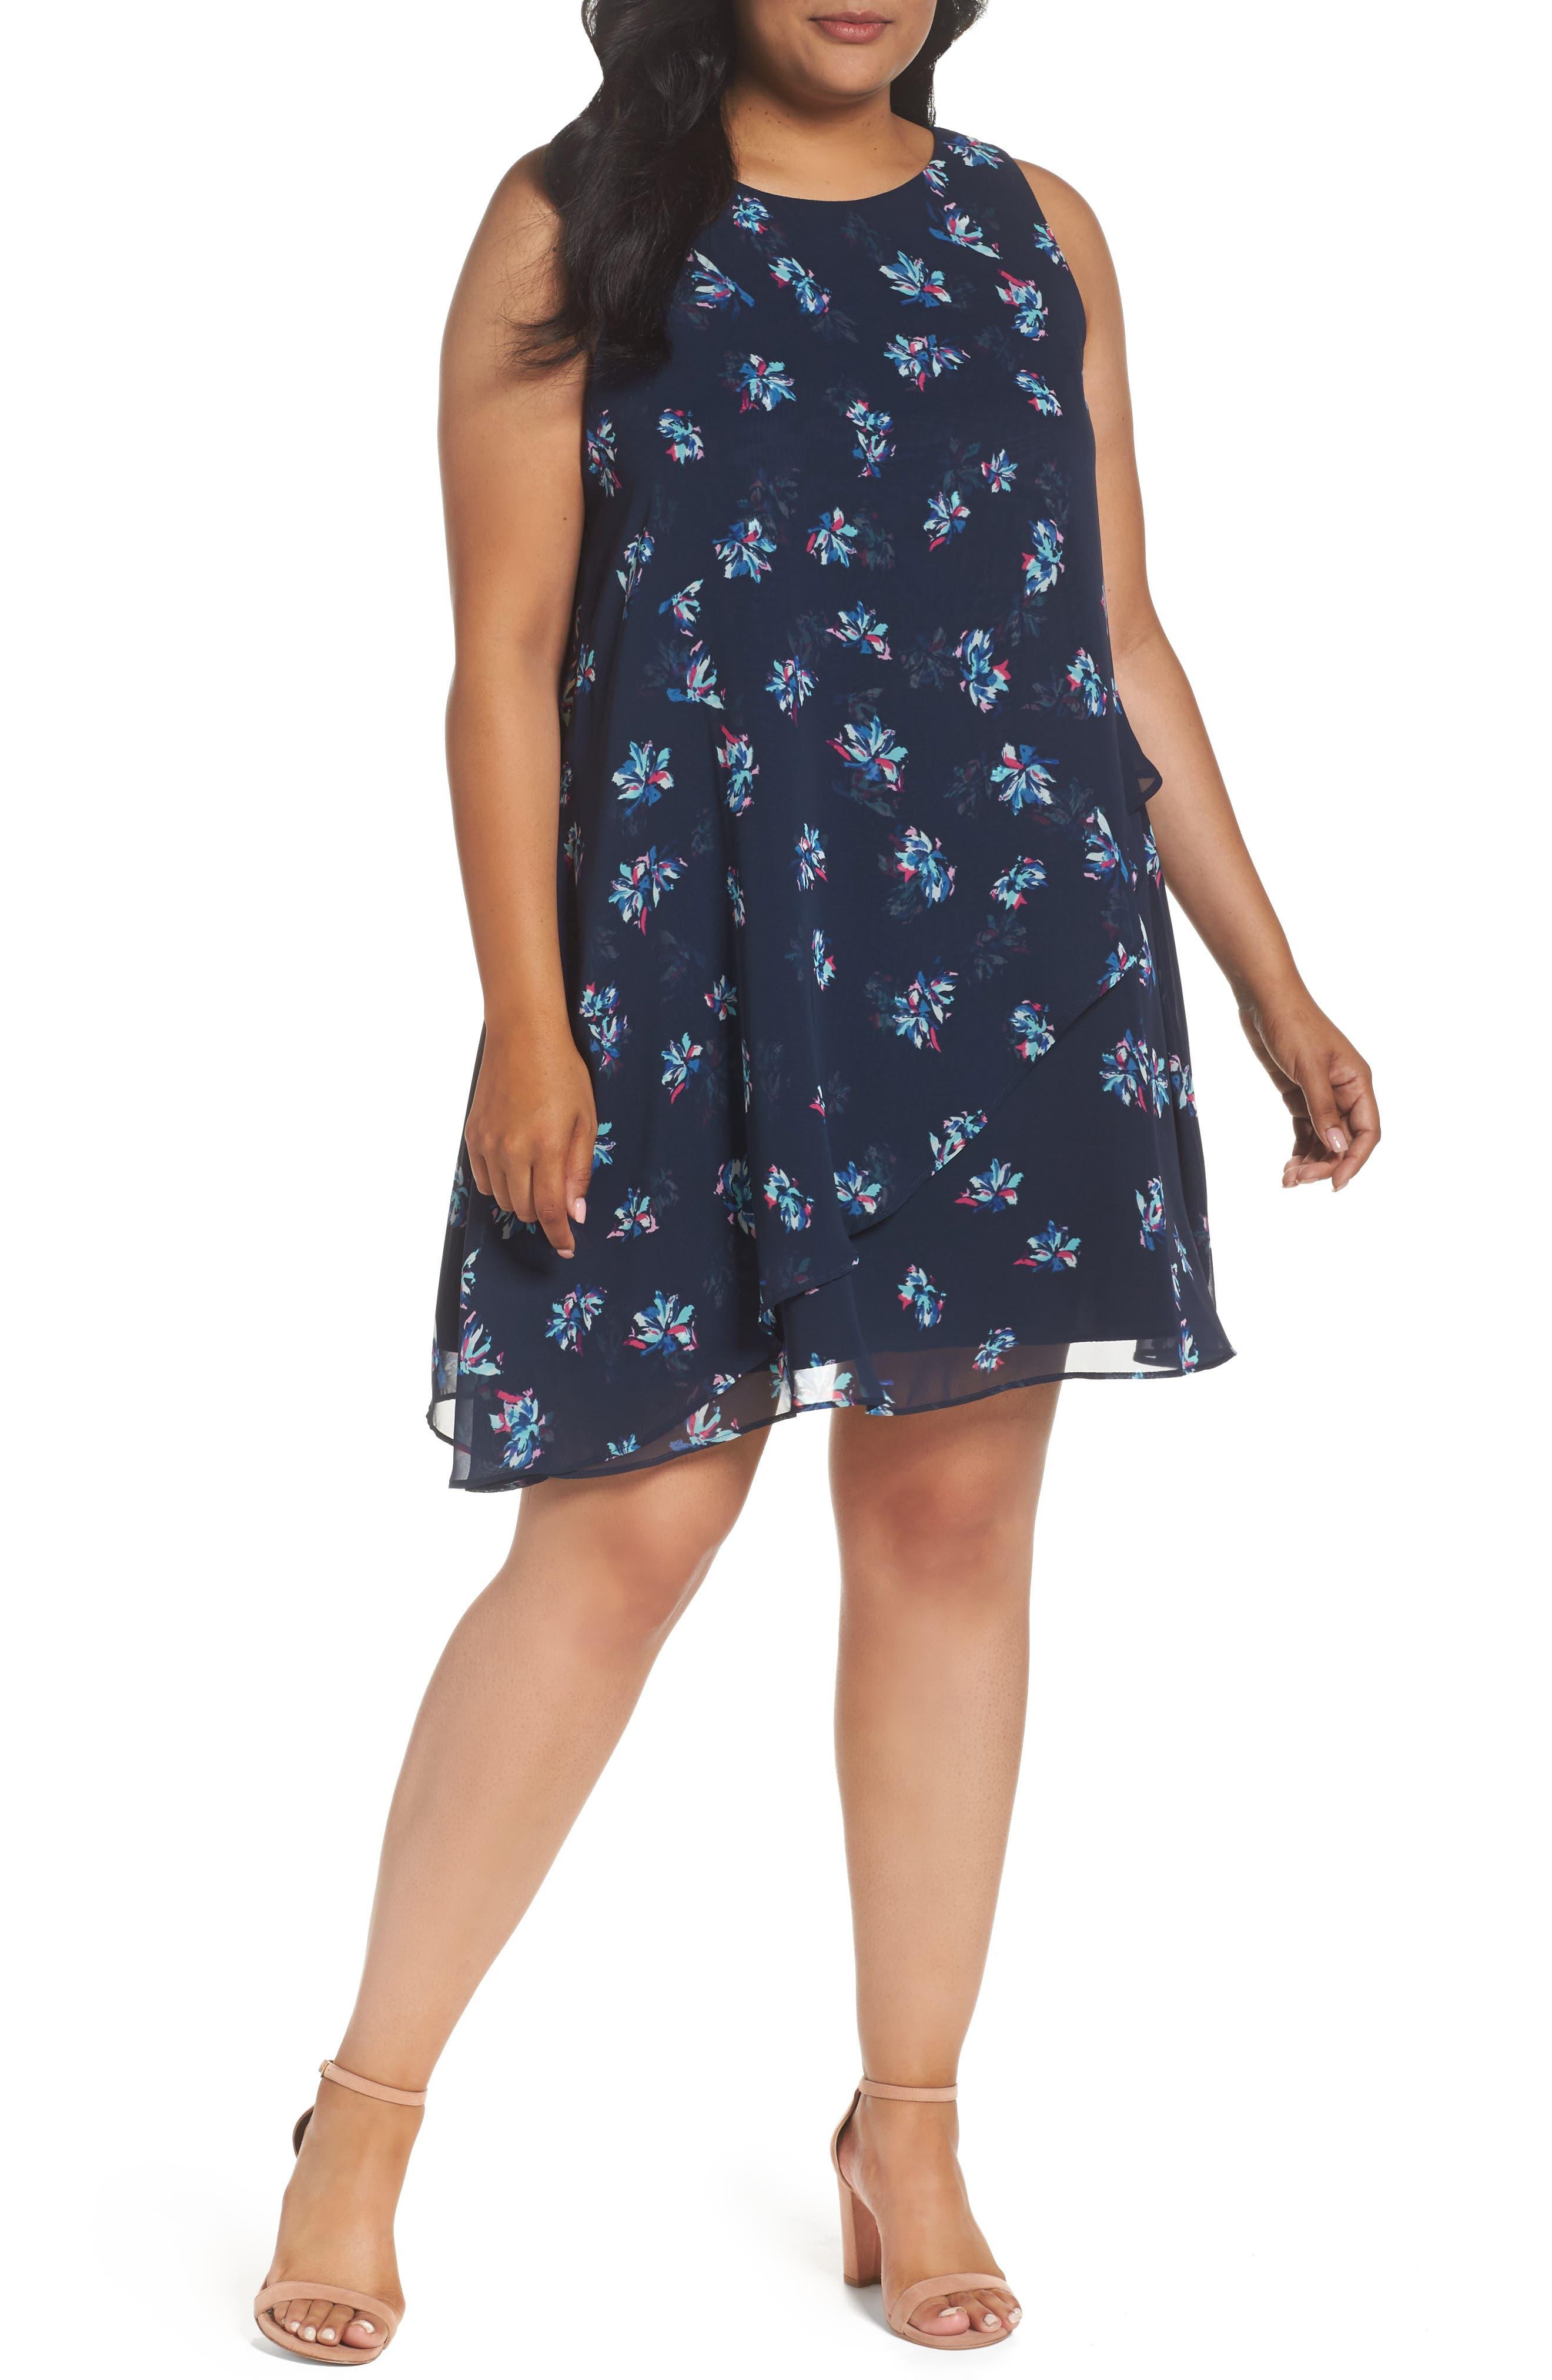 Taylor Dresses Tossed Floral Shift Dress